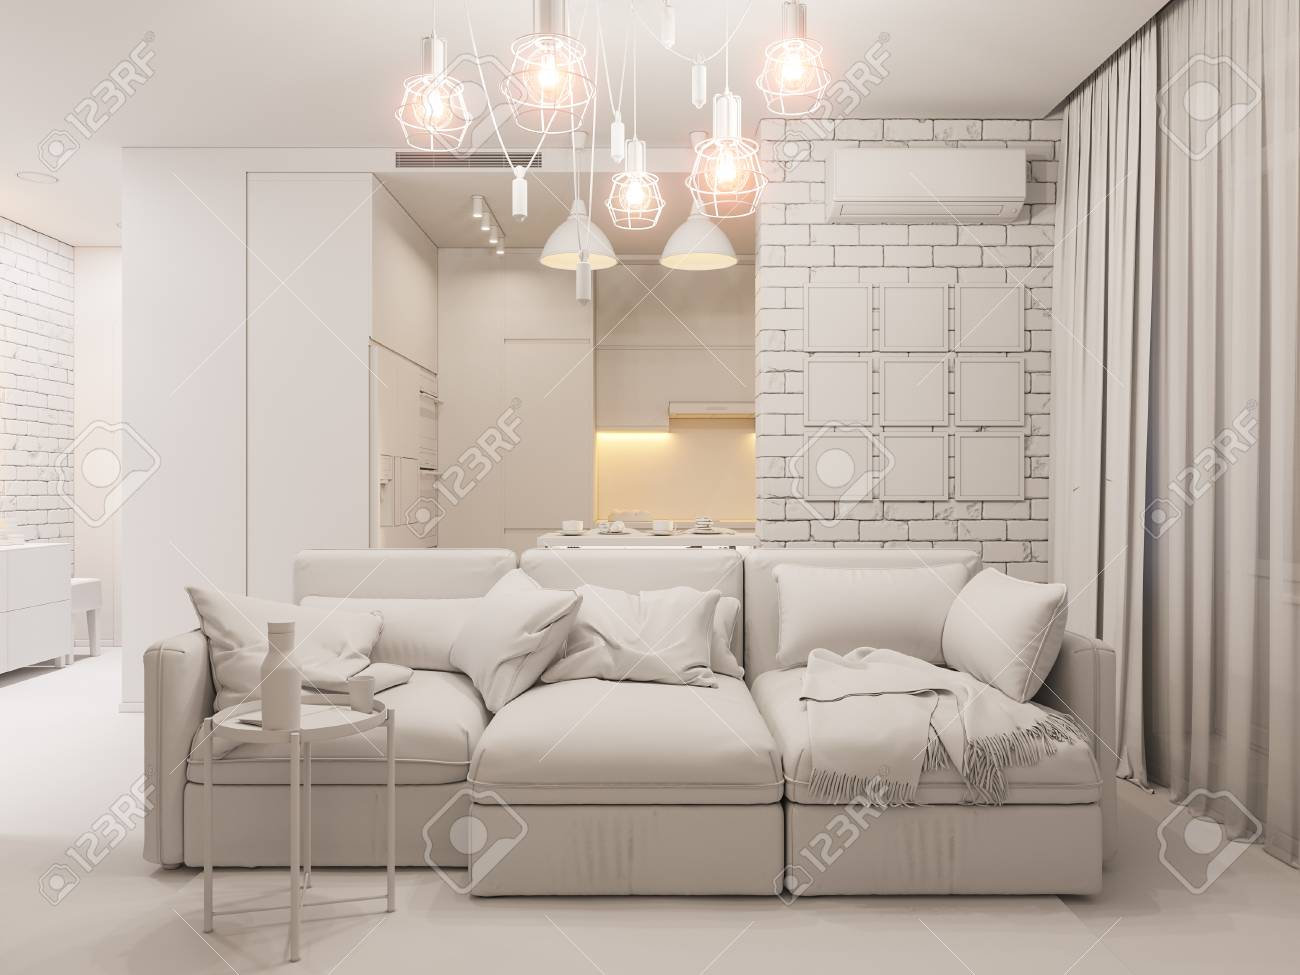 3D illustration salon et cuisine design d\'intérieur. Studio moderne dans le  style minimaliste scandinave ambiant occlusion